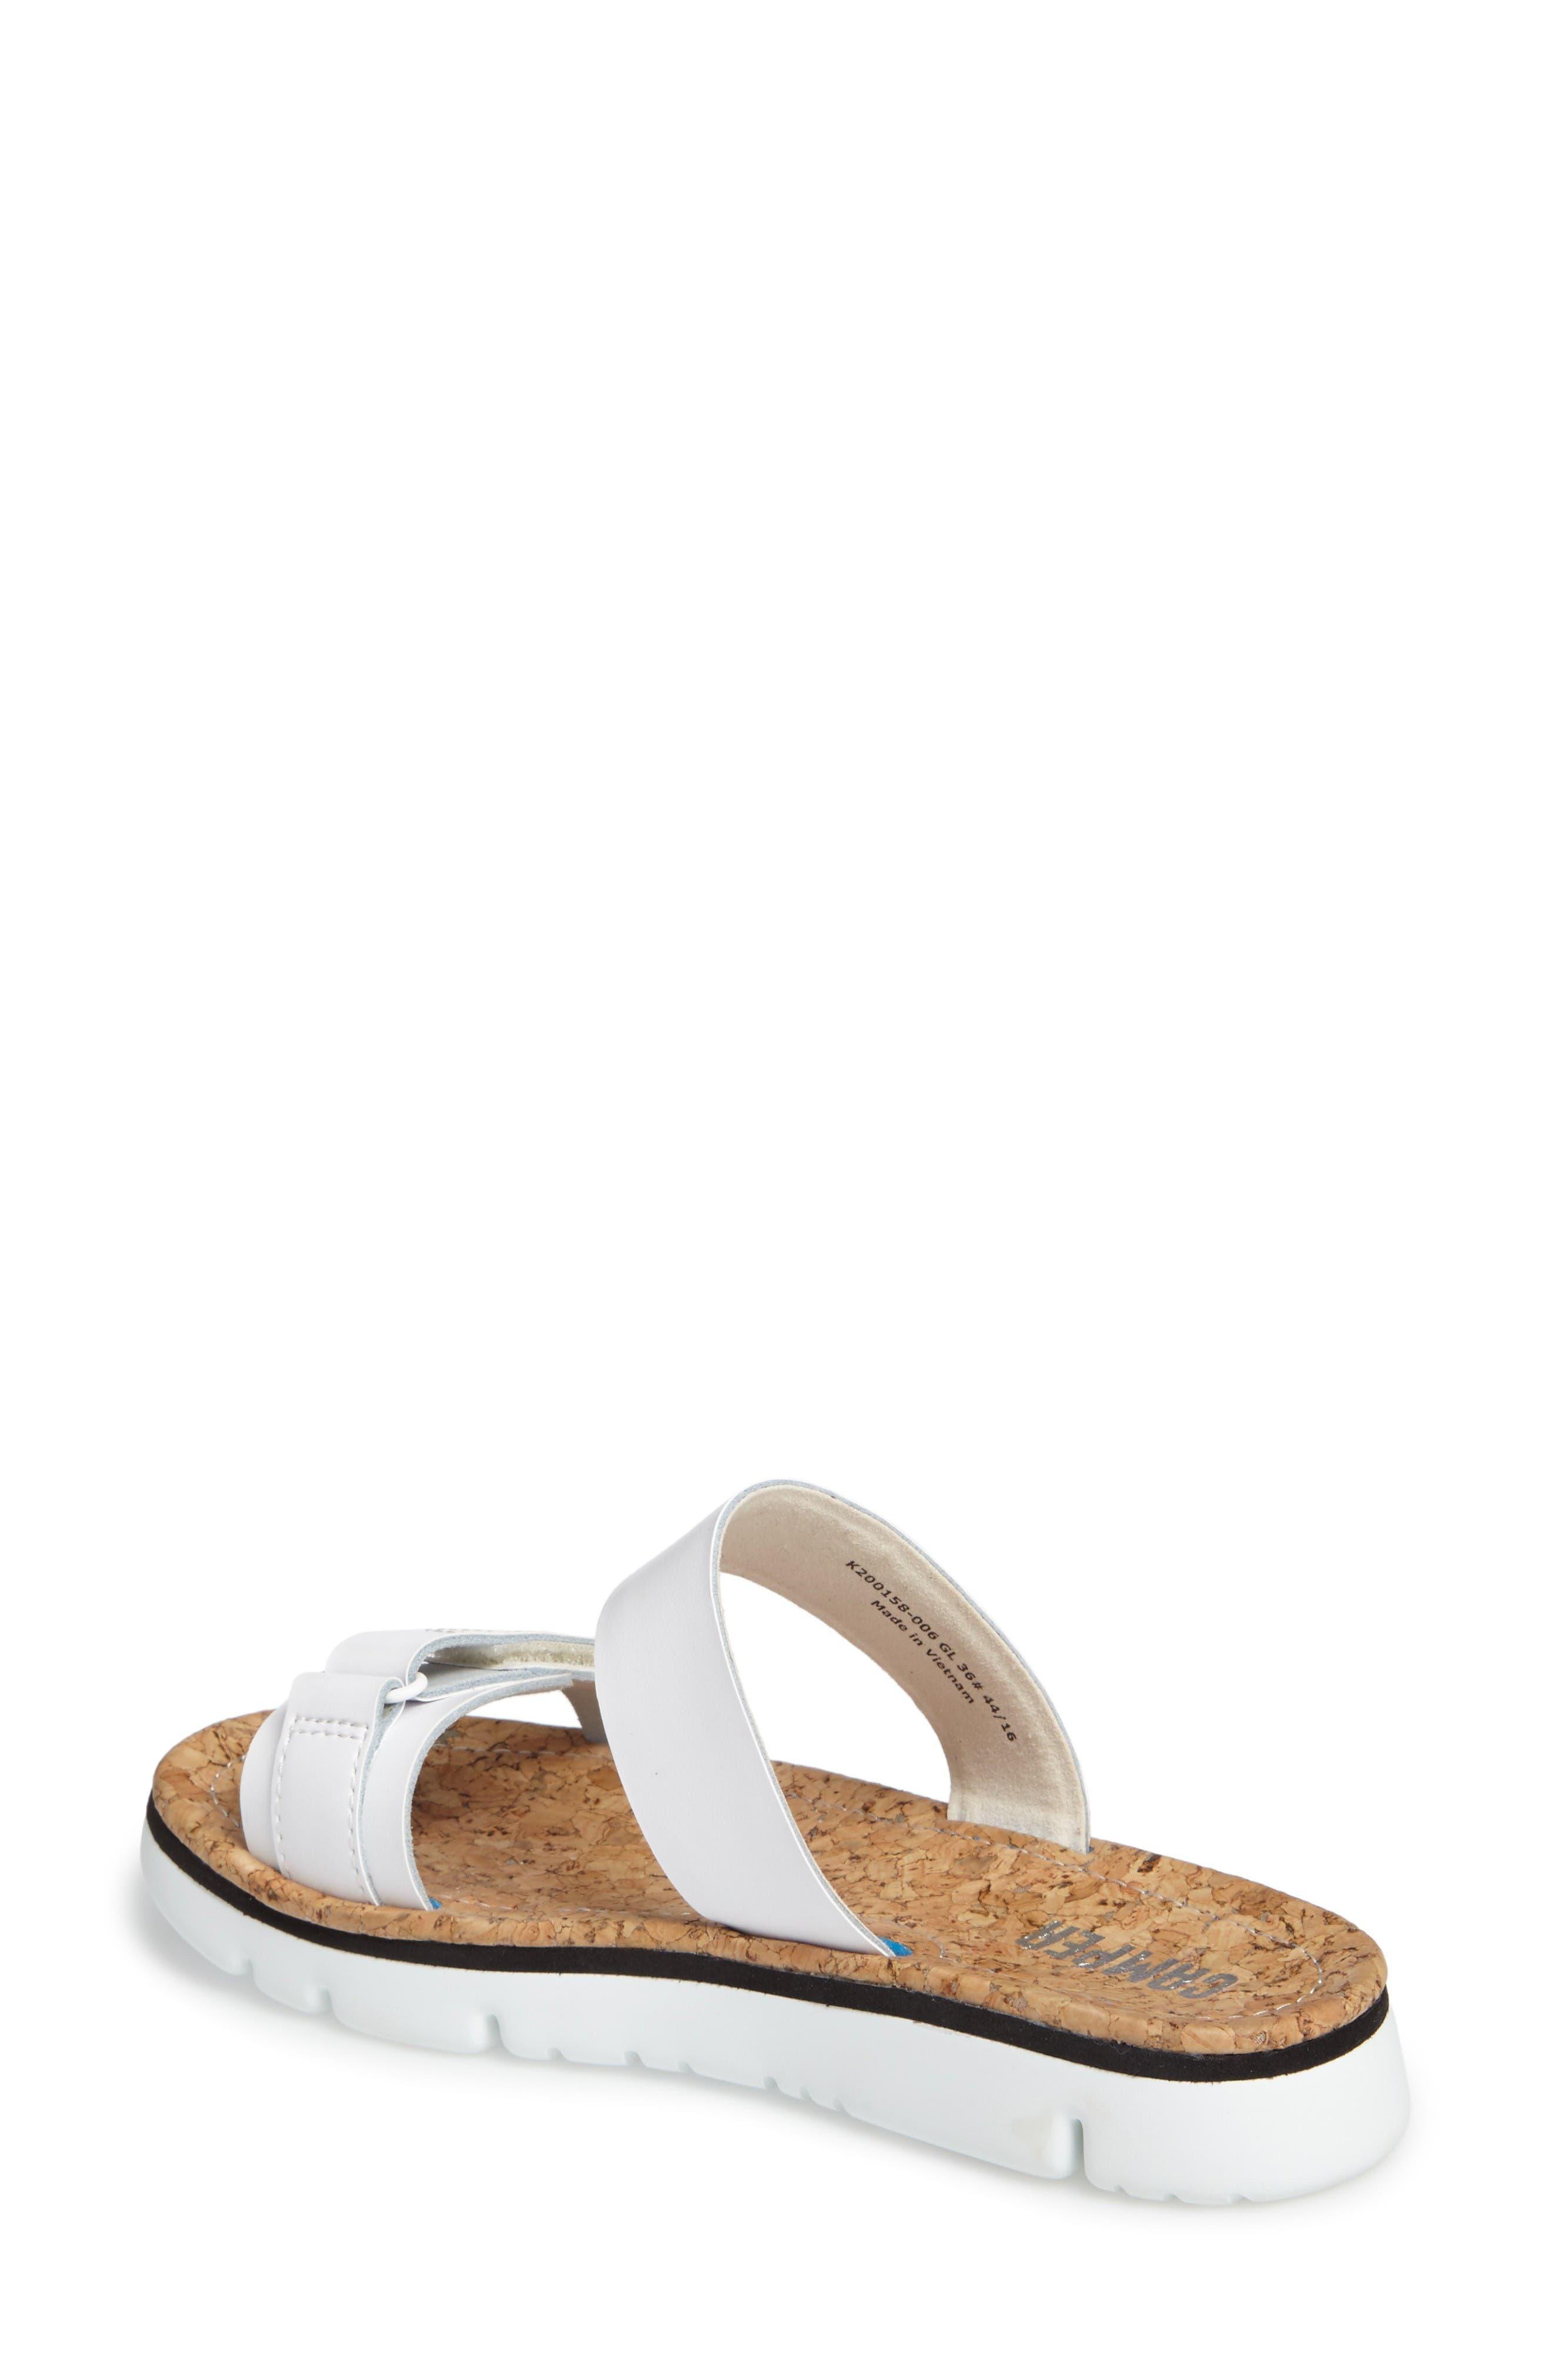 Alternate Image 2  - Camper 'Oruga' Two Strap Slide Sandal (Women)